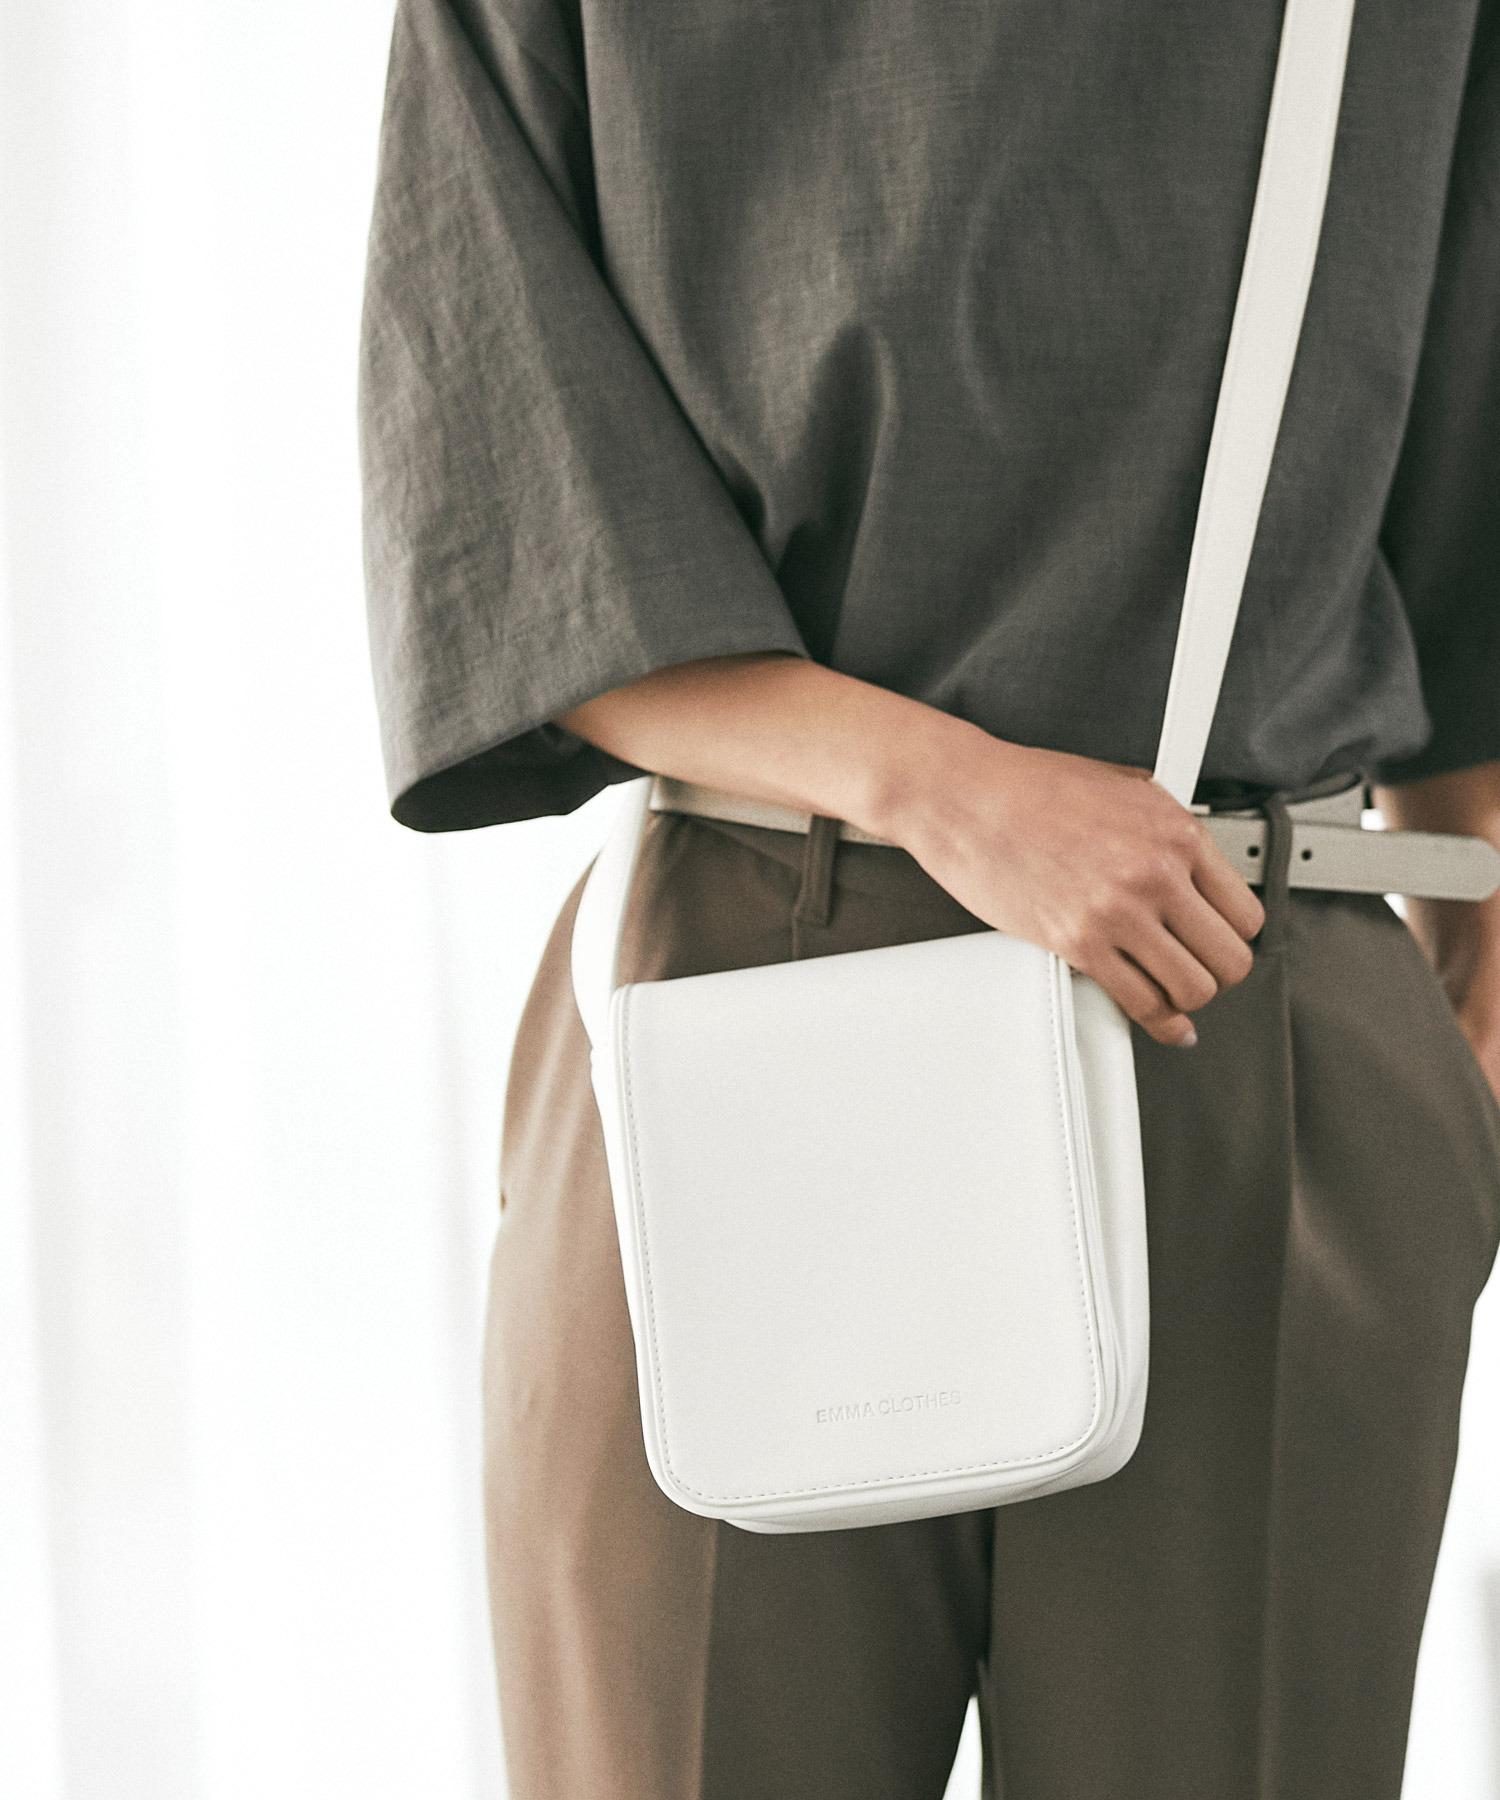 シンセティックレザー スクエア フラップ ミニ ショルダーバッグ EMMA CLOTHES 2021 A/W